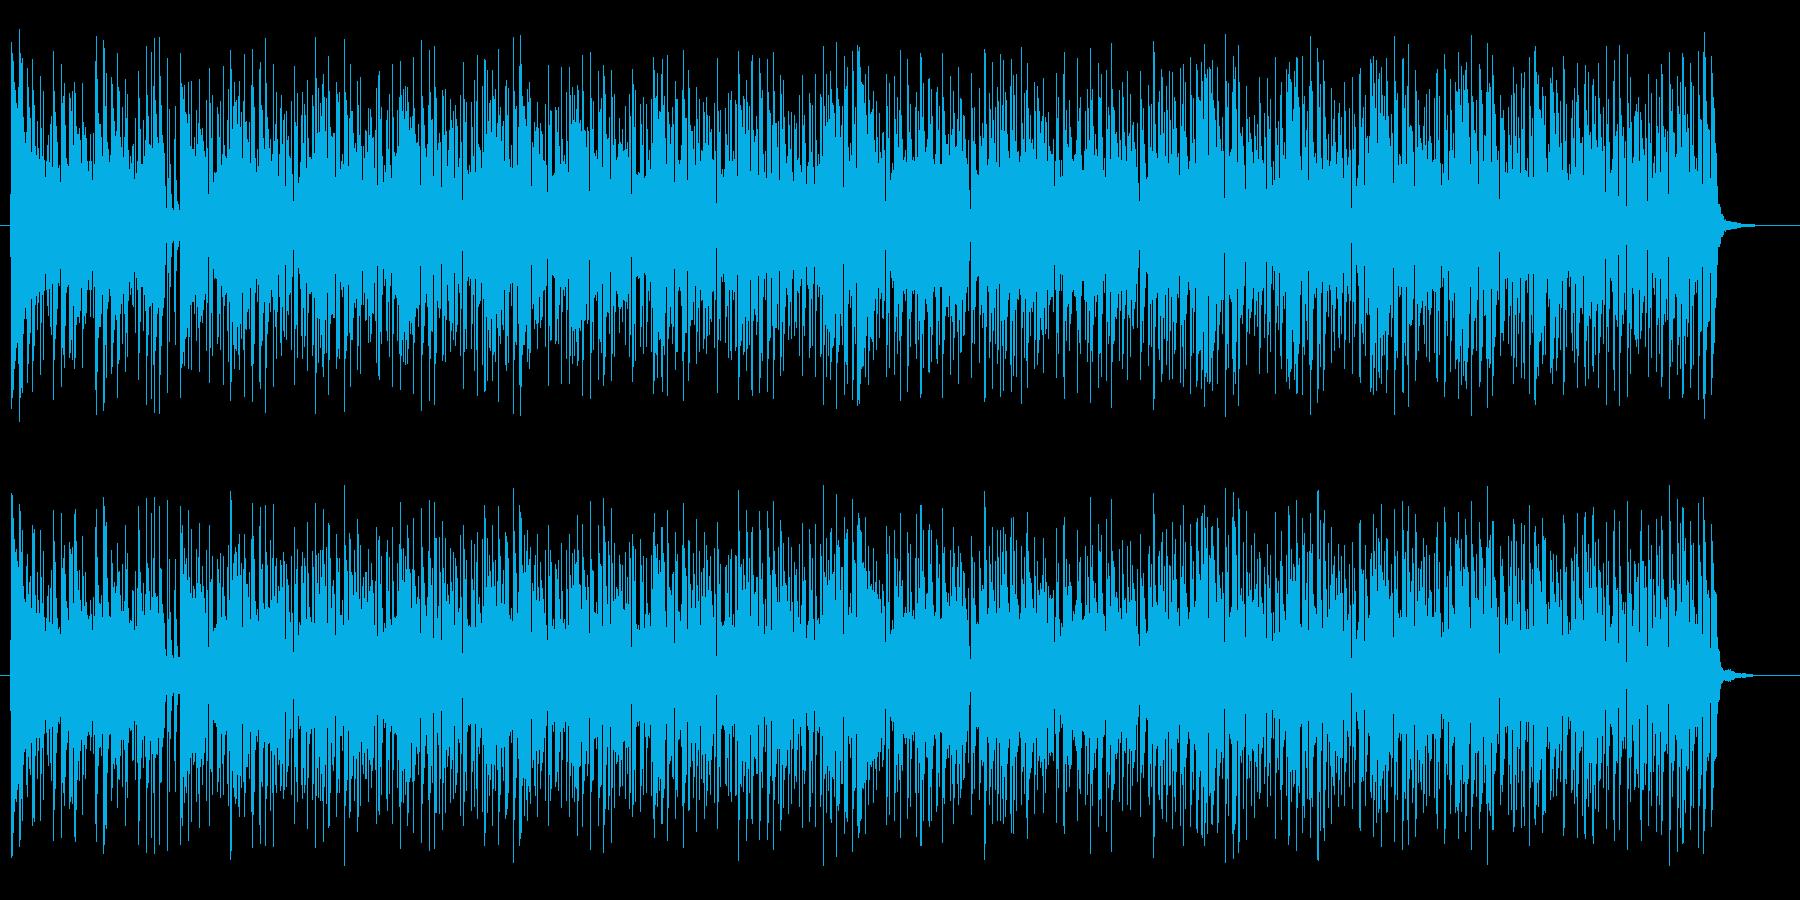 ポップで楽しくリズミカルな木琴ポップスの再生済みの波形